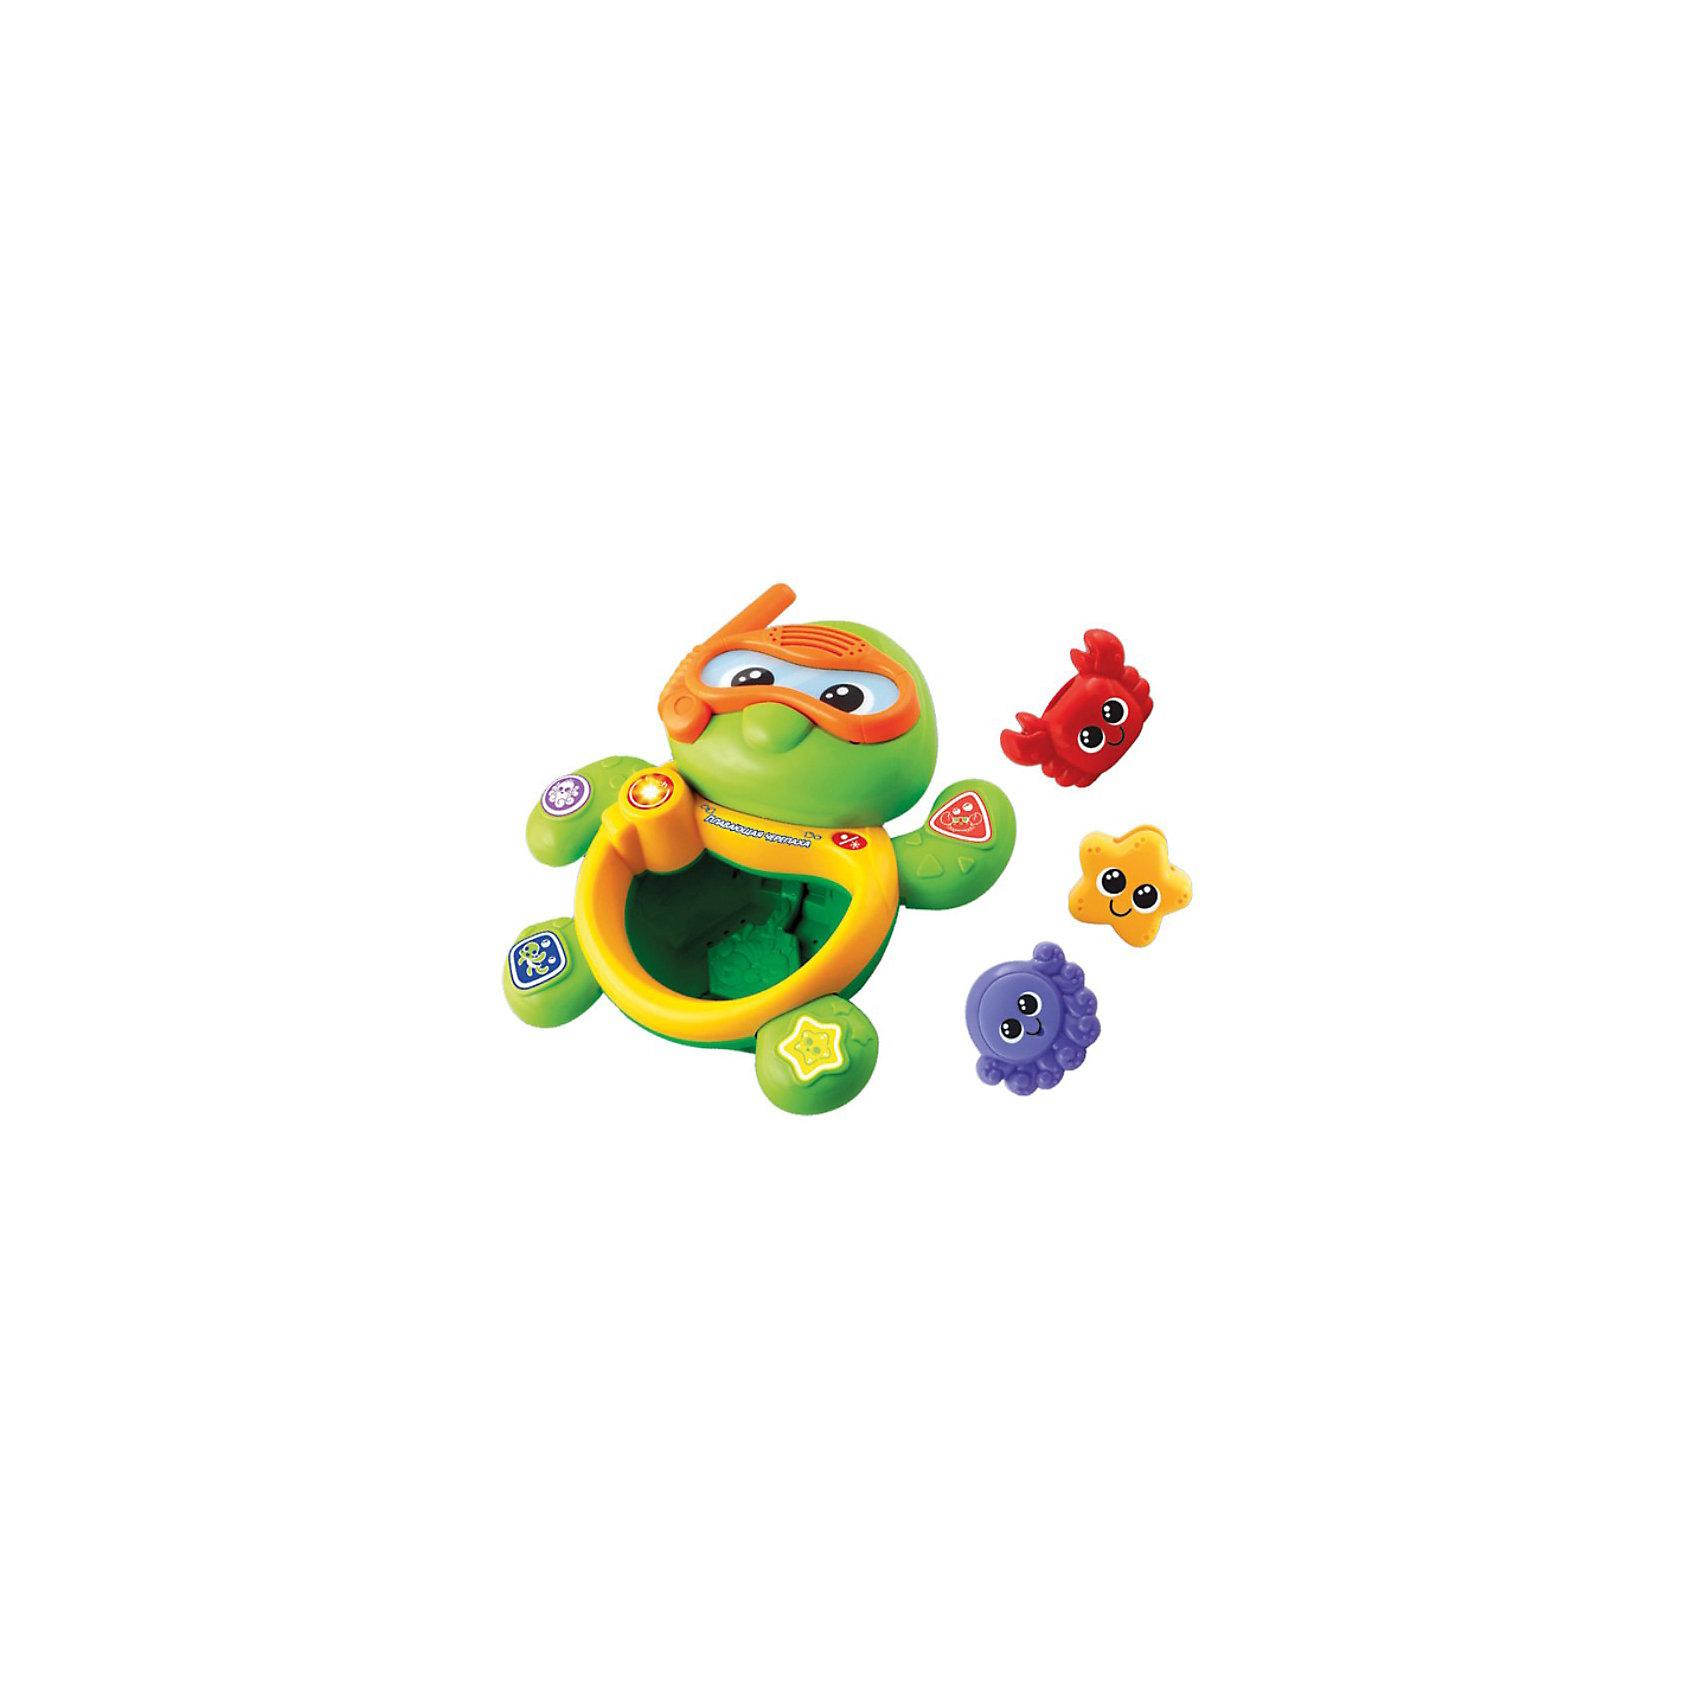 Развивающая игрушка Плавающая черепаха, со звуком, Vtech